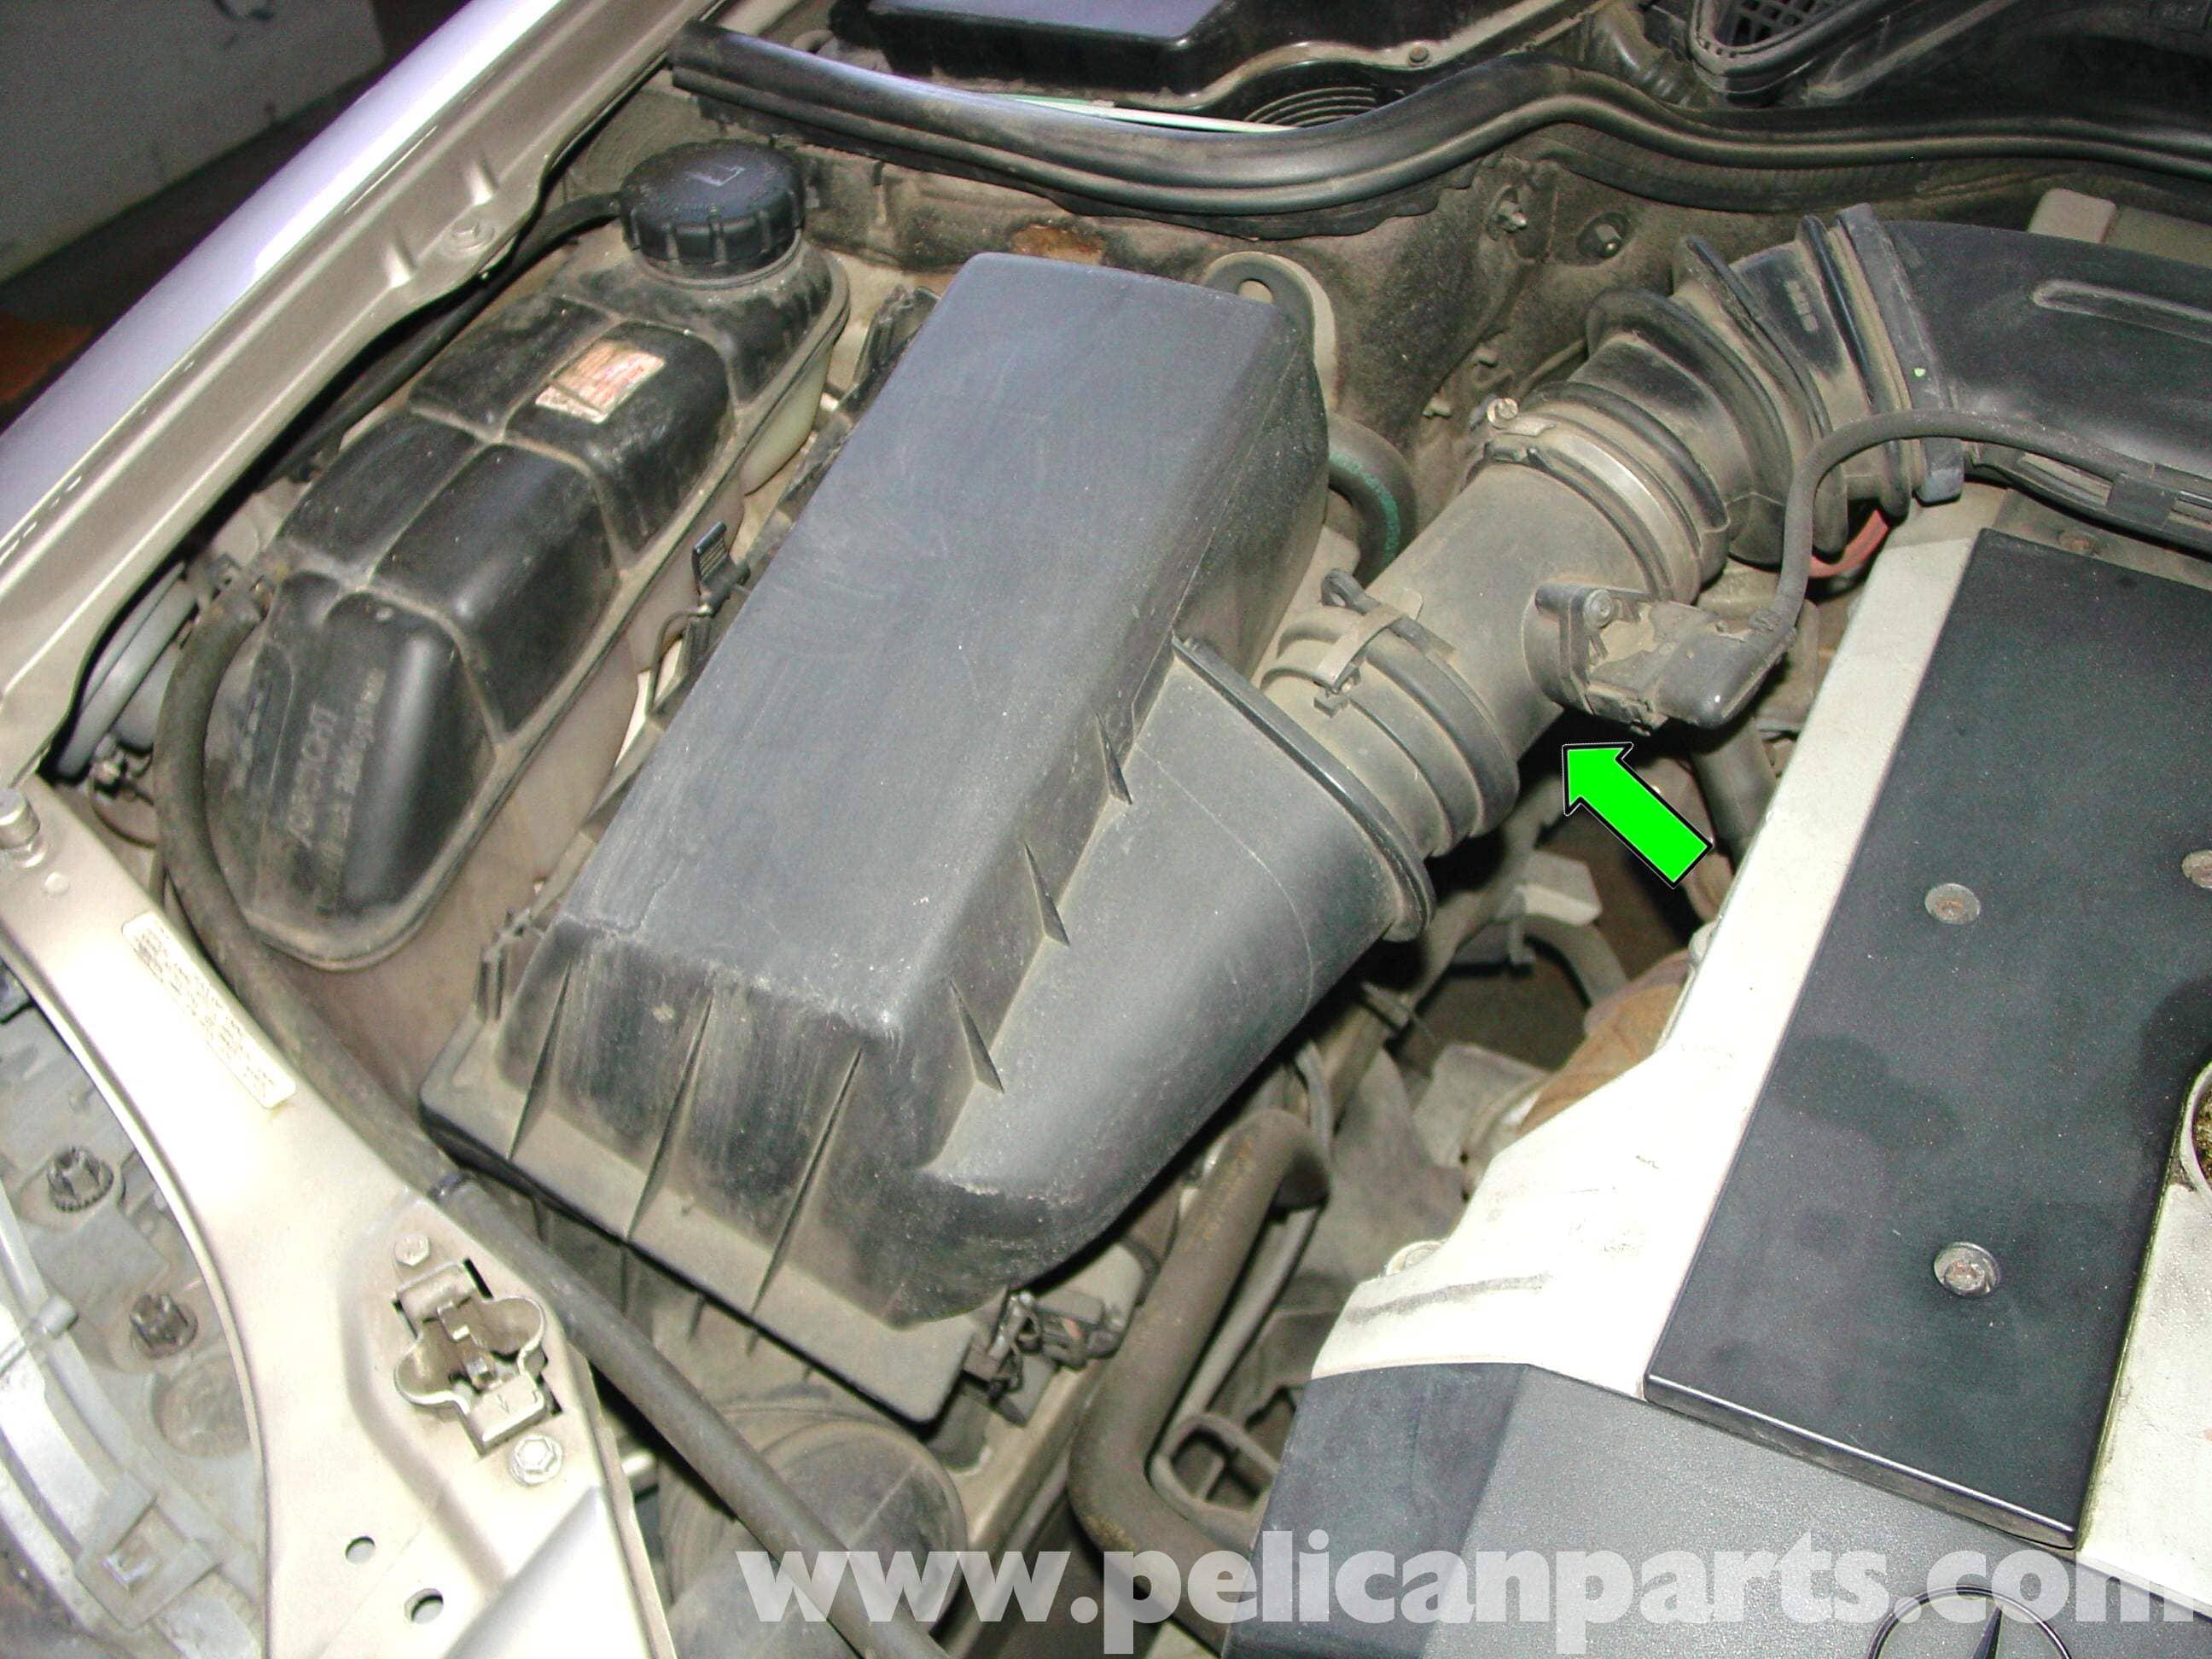 Mercedes benz w210 maf sensor replacement 1996 03 e320 for Mercedes benz sensors